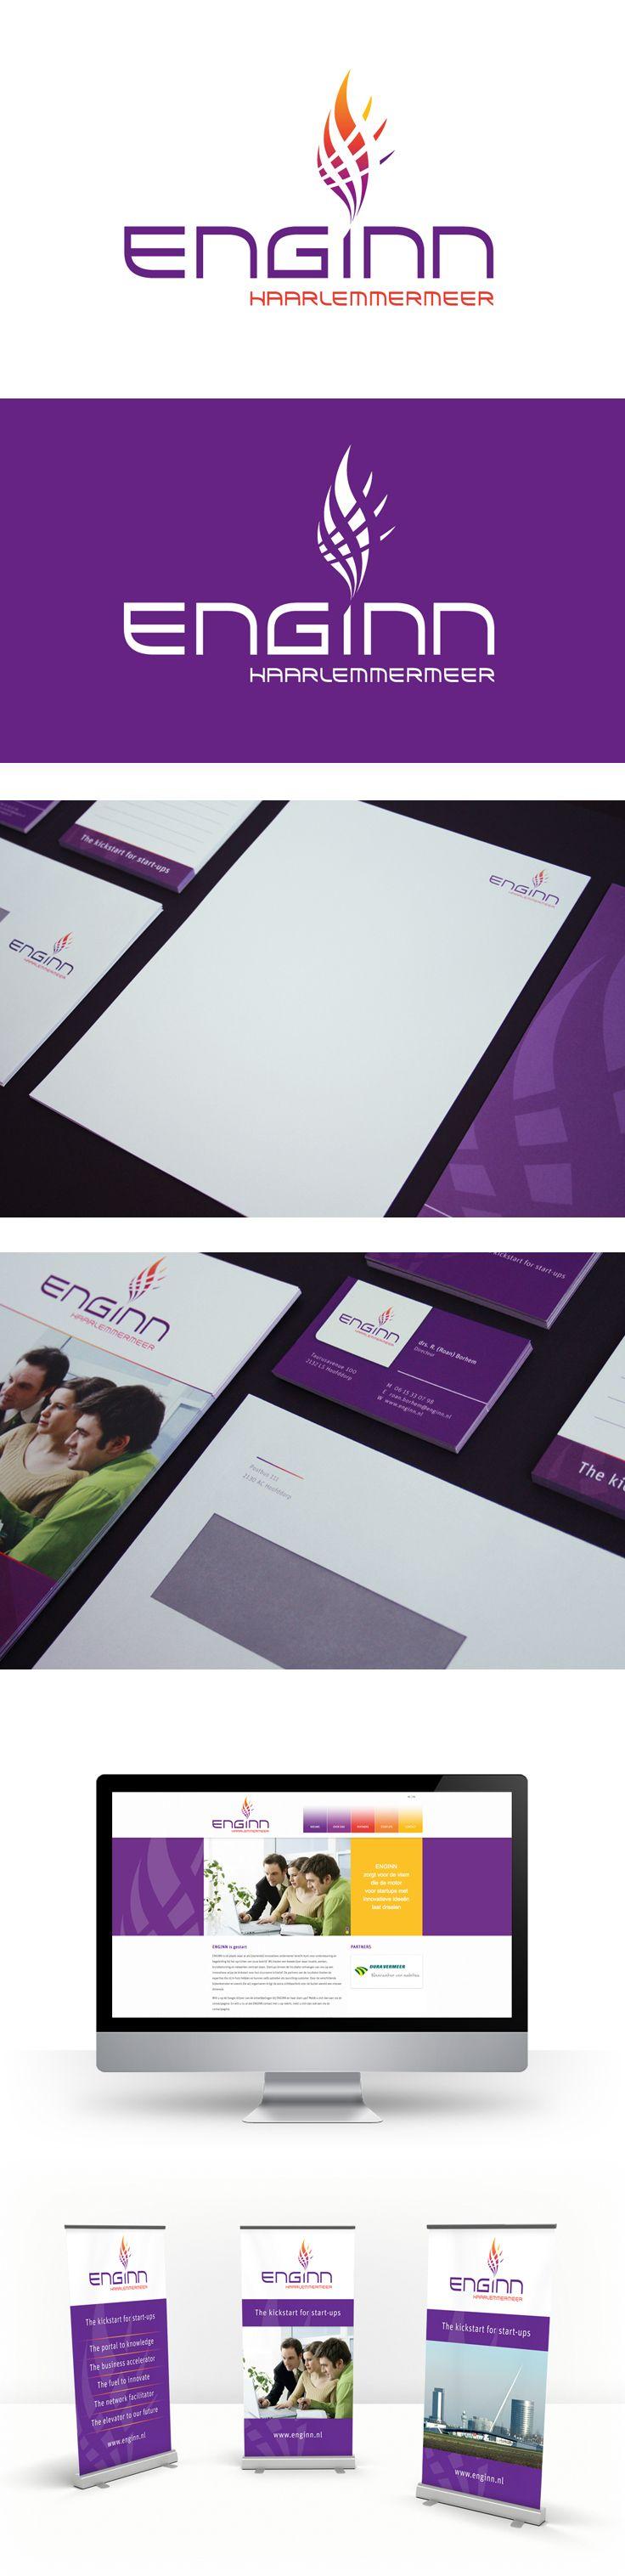 ENGINN is dé plaats waar je als innovatieve ondernemer terecht kunt voor ondersteuning en begeleiding bij het oprichten van je eigen (duurzame) bedrijf. Voor dit nieuwe initiatief heeft ZIGT Studio een totale identiteit ontworpen.